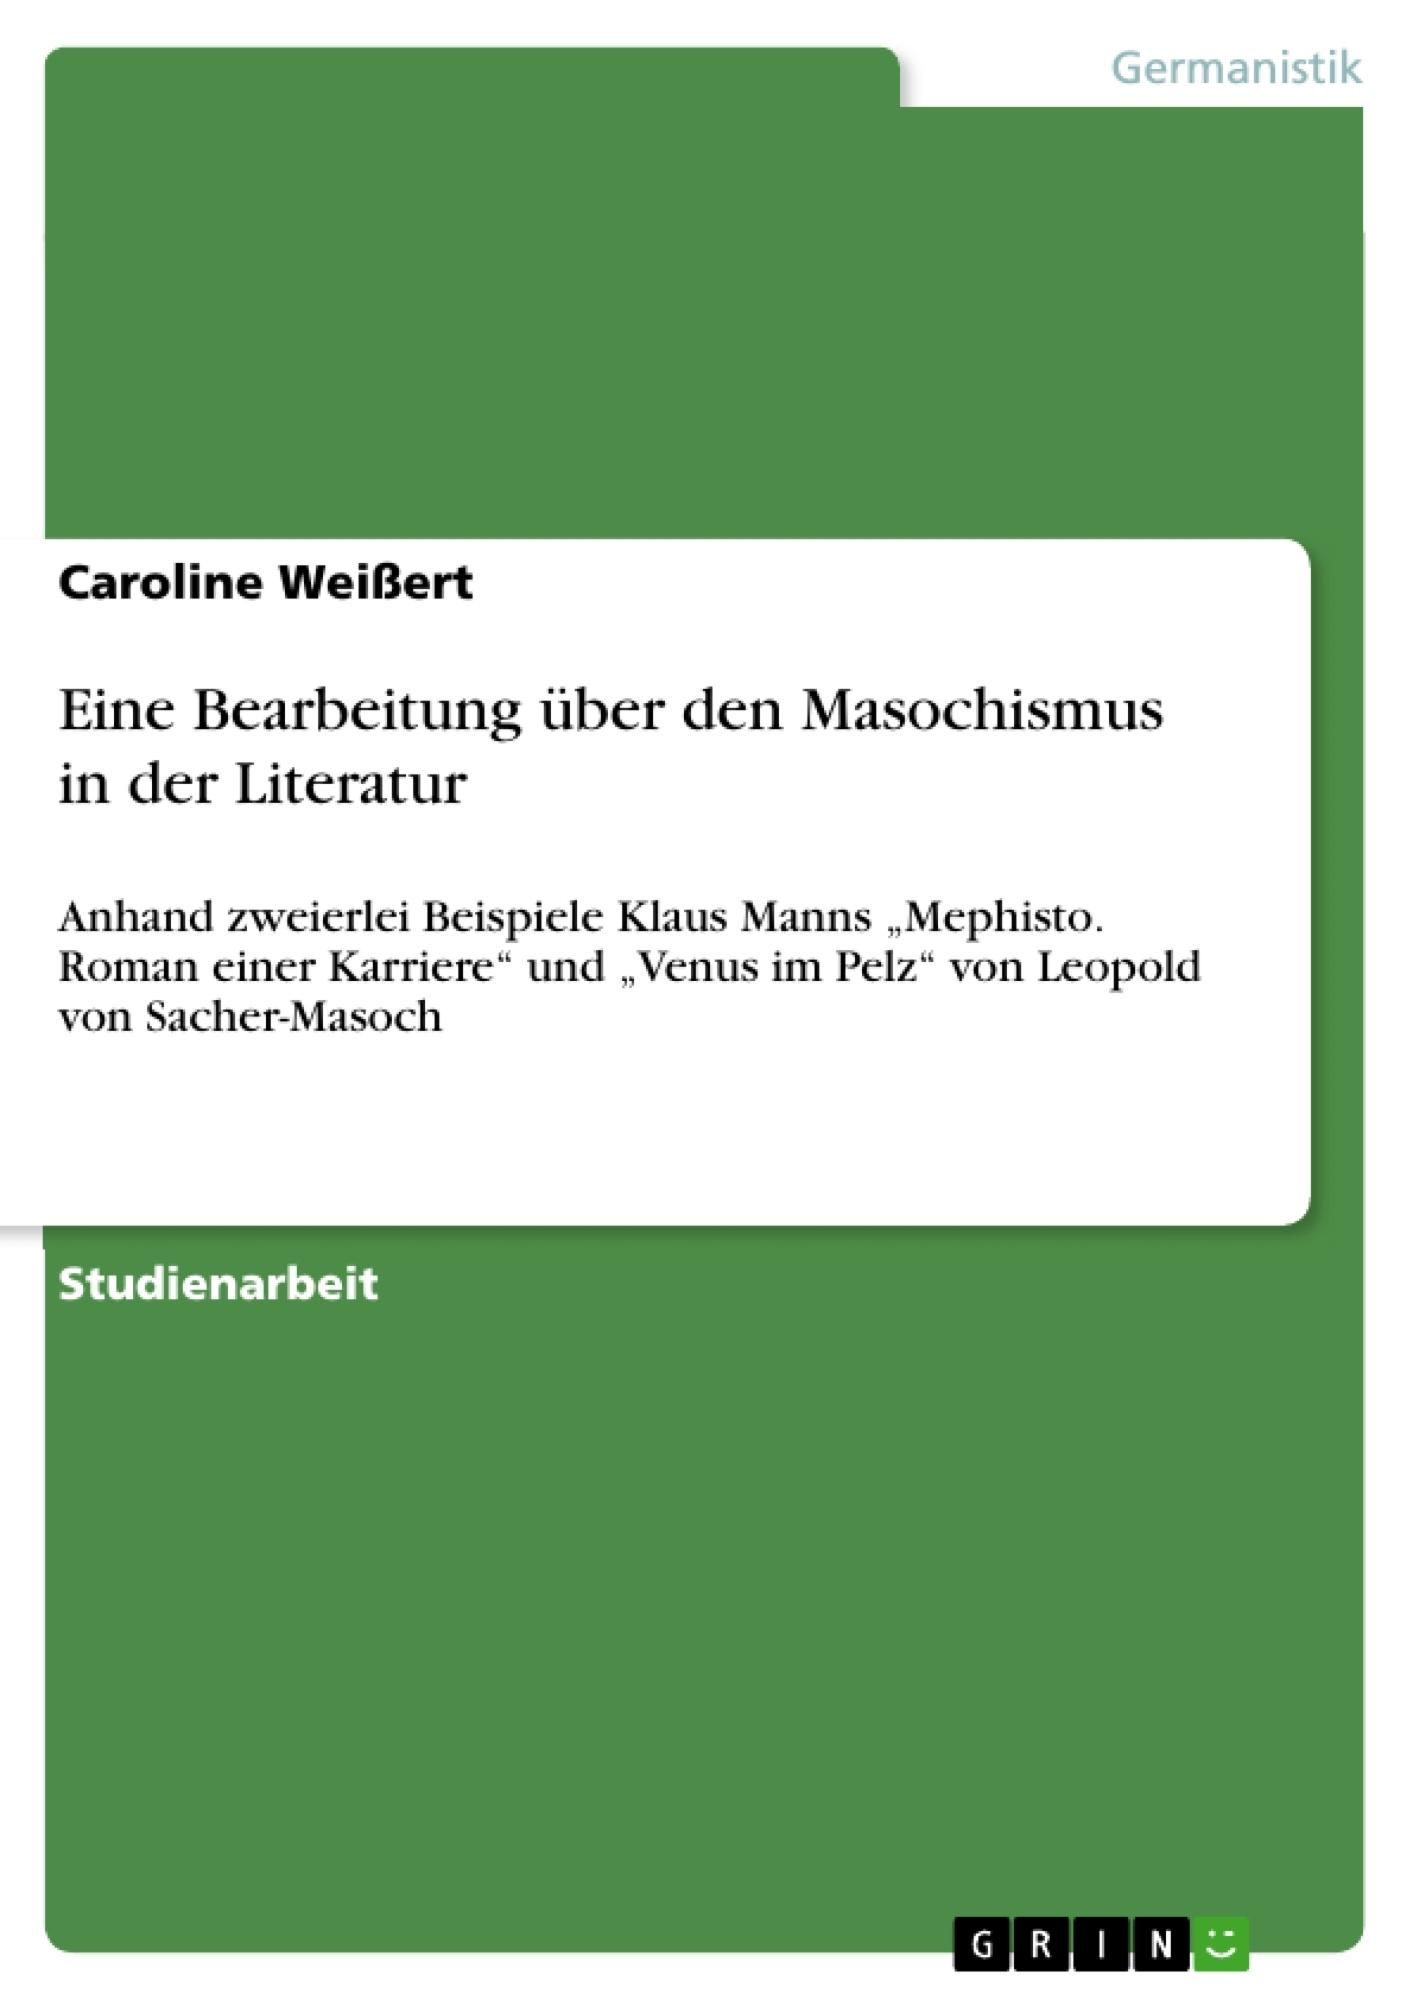 Titel: Eine Bearbeitung über den Masochismus in der Literatur